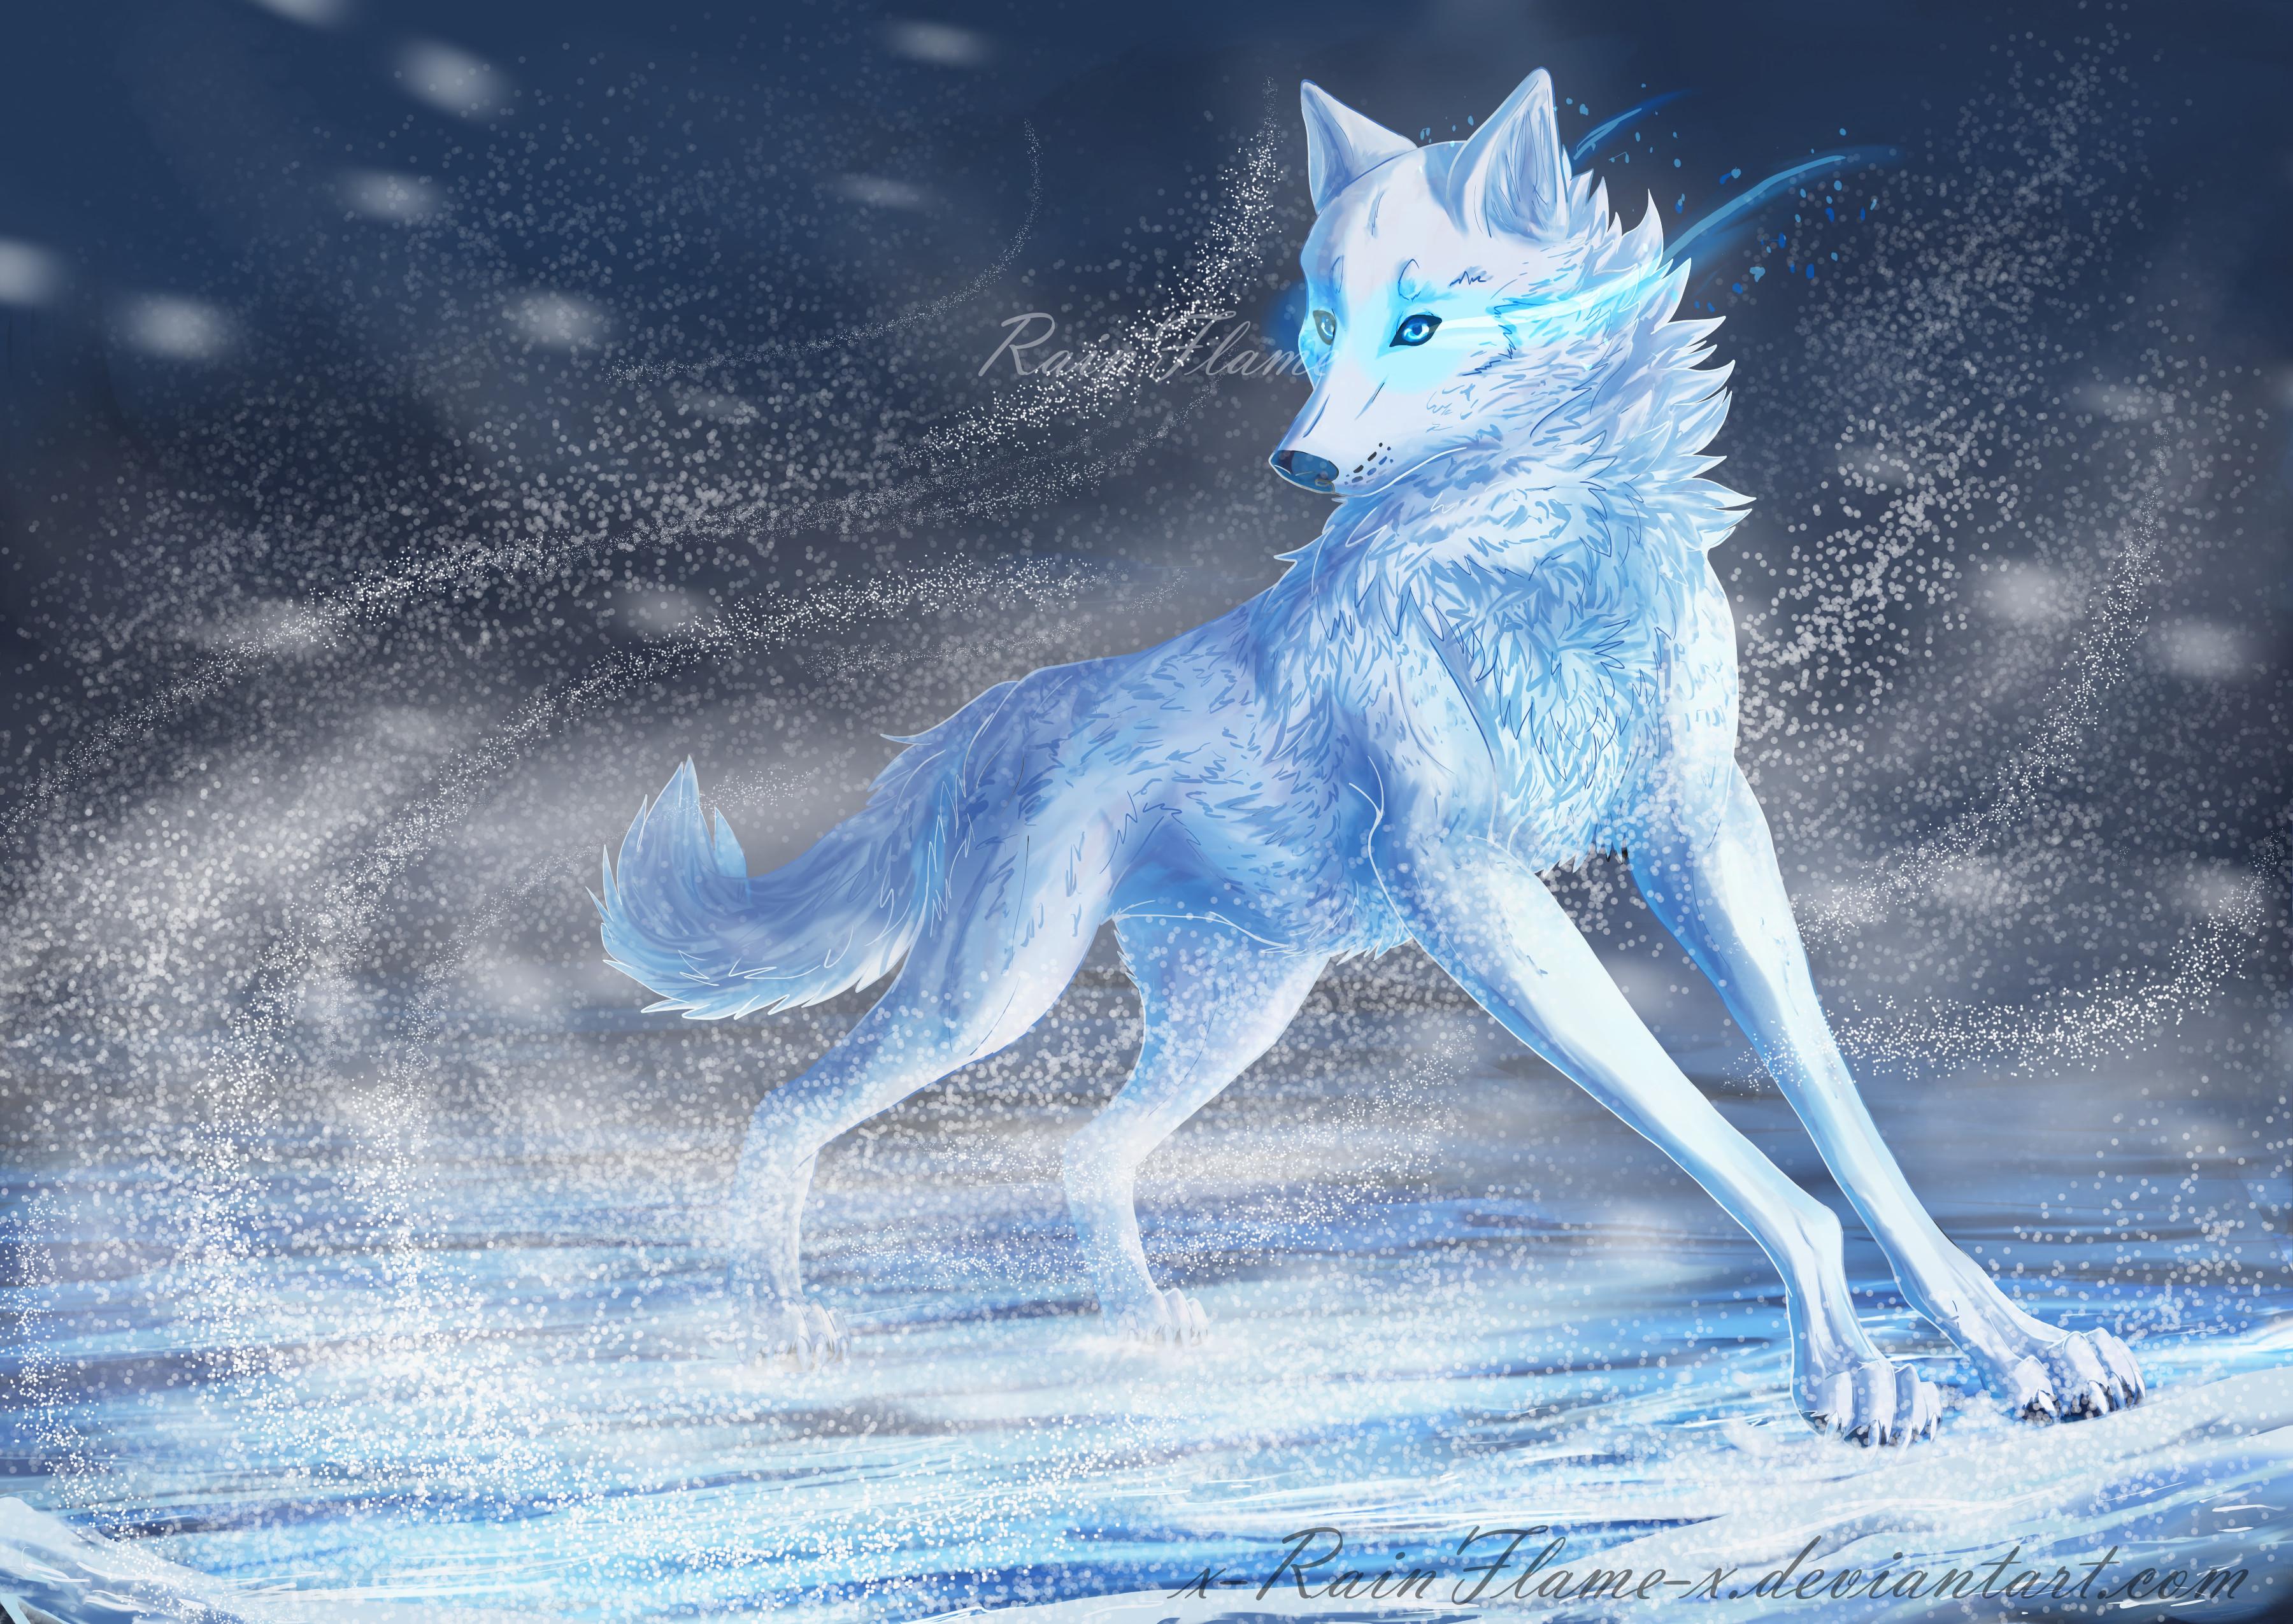 фото волк воздуха картинки убрать сообщение